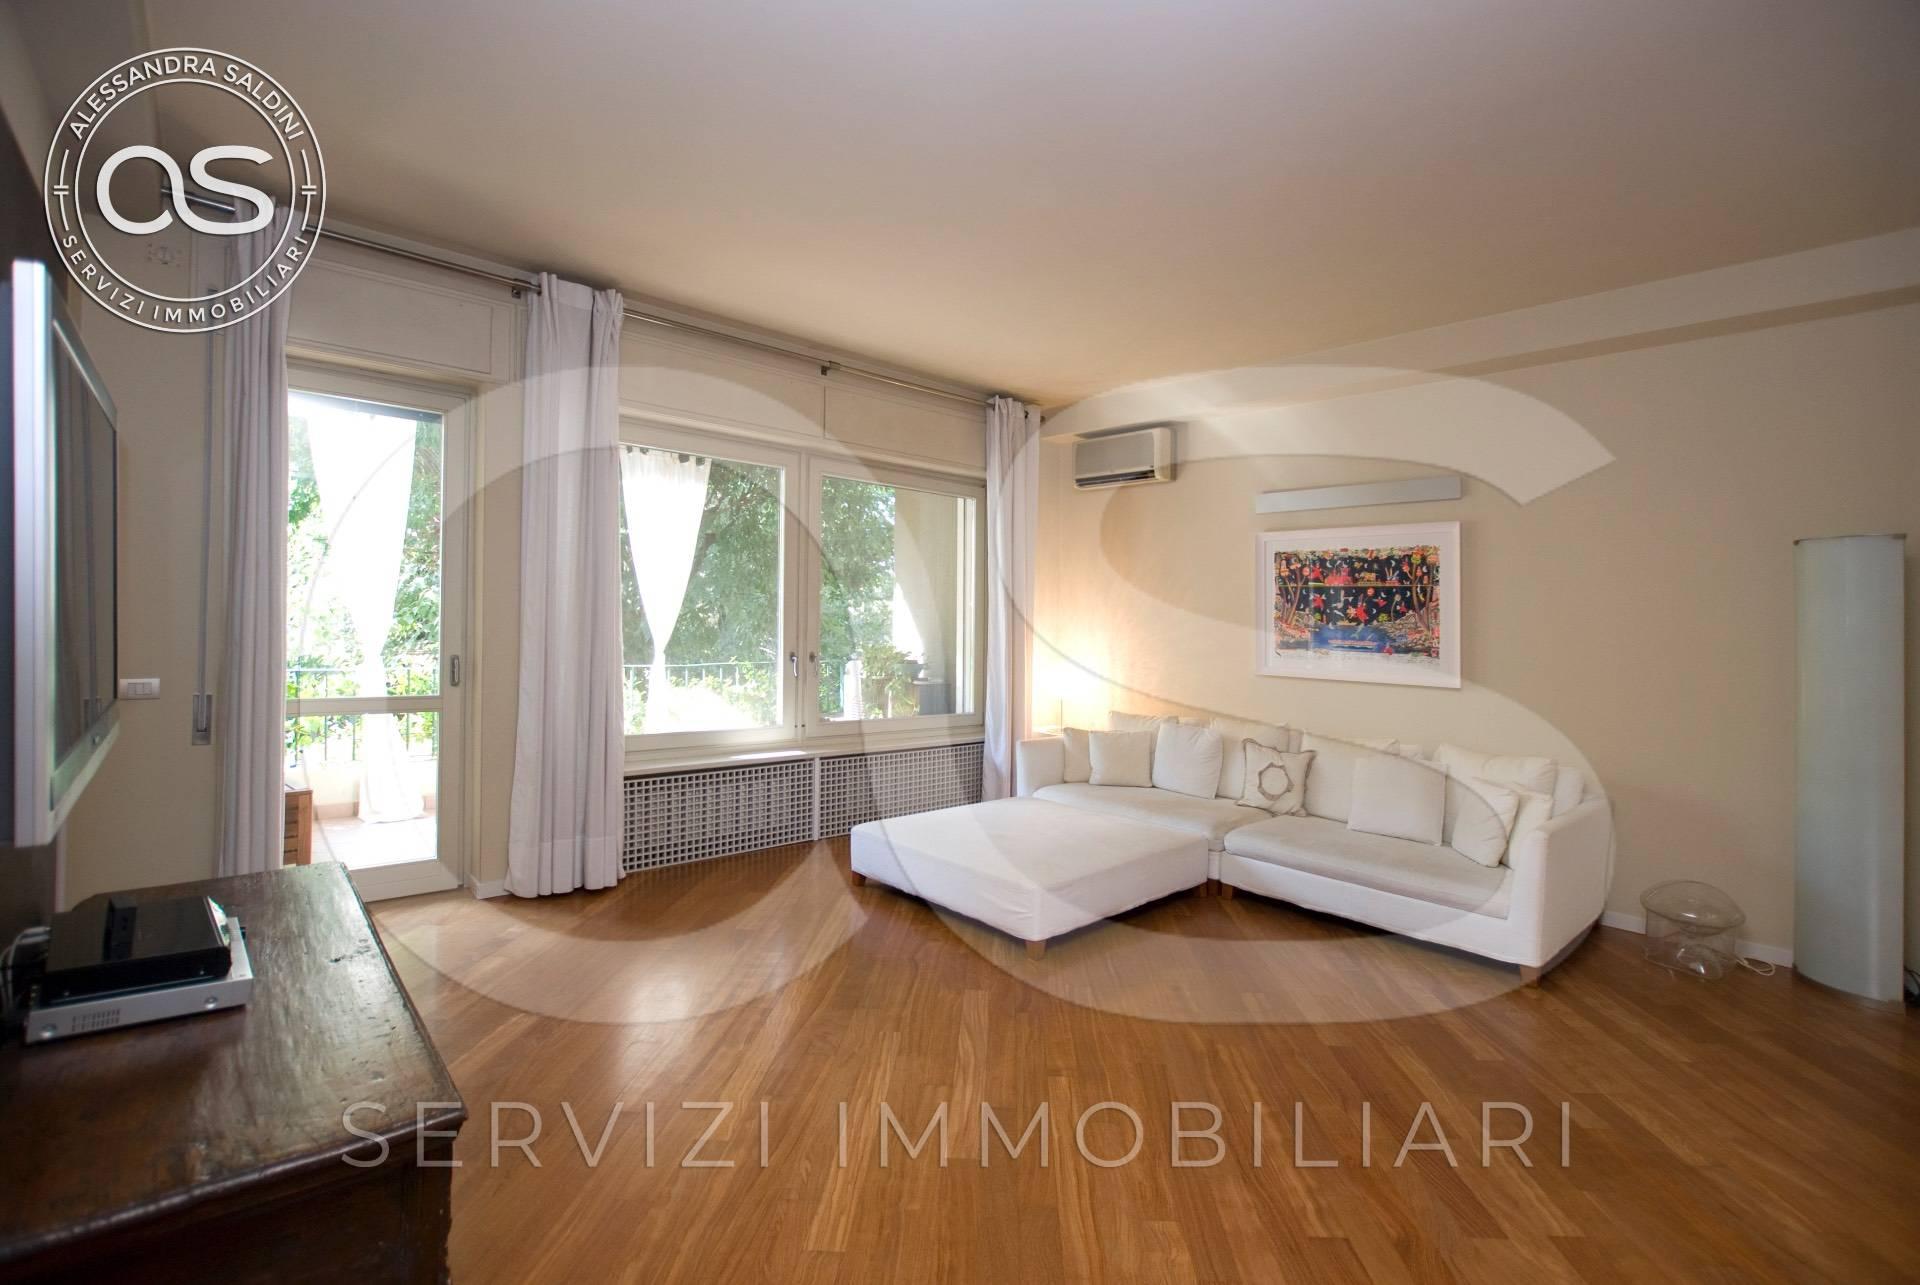 Appartamento in vendita a Manerbio, 5 locali, Trattative riservate | PortaleAgenzieImmobiliari.it